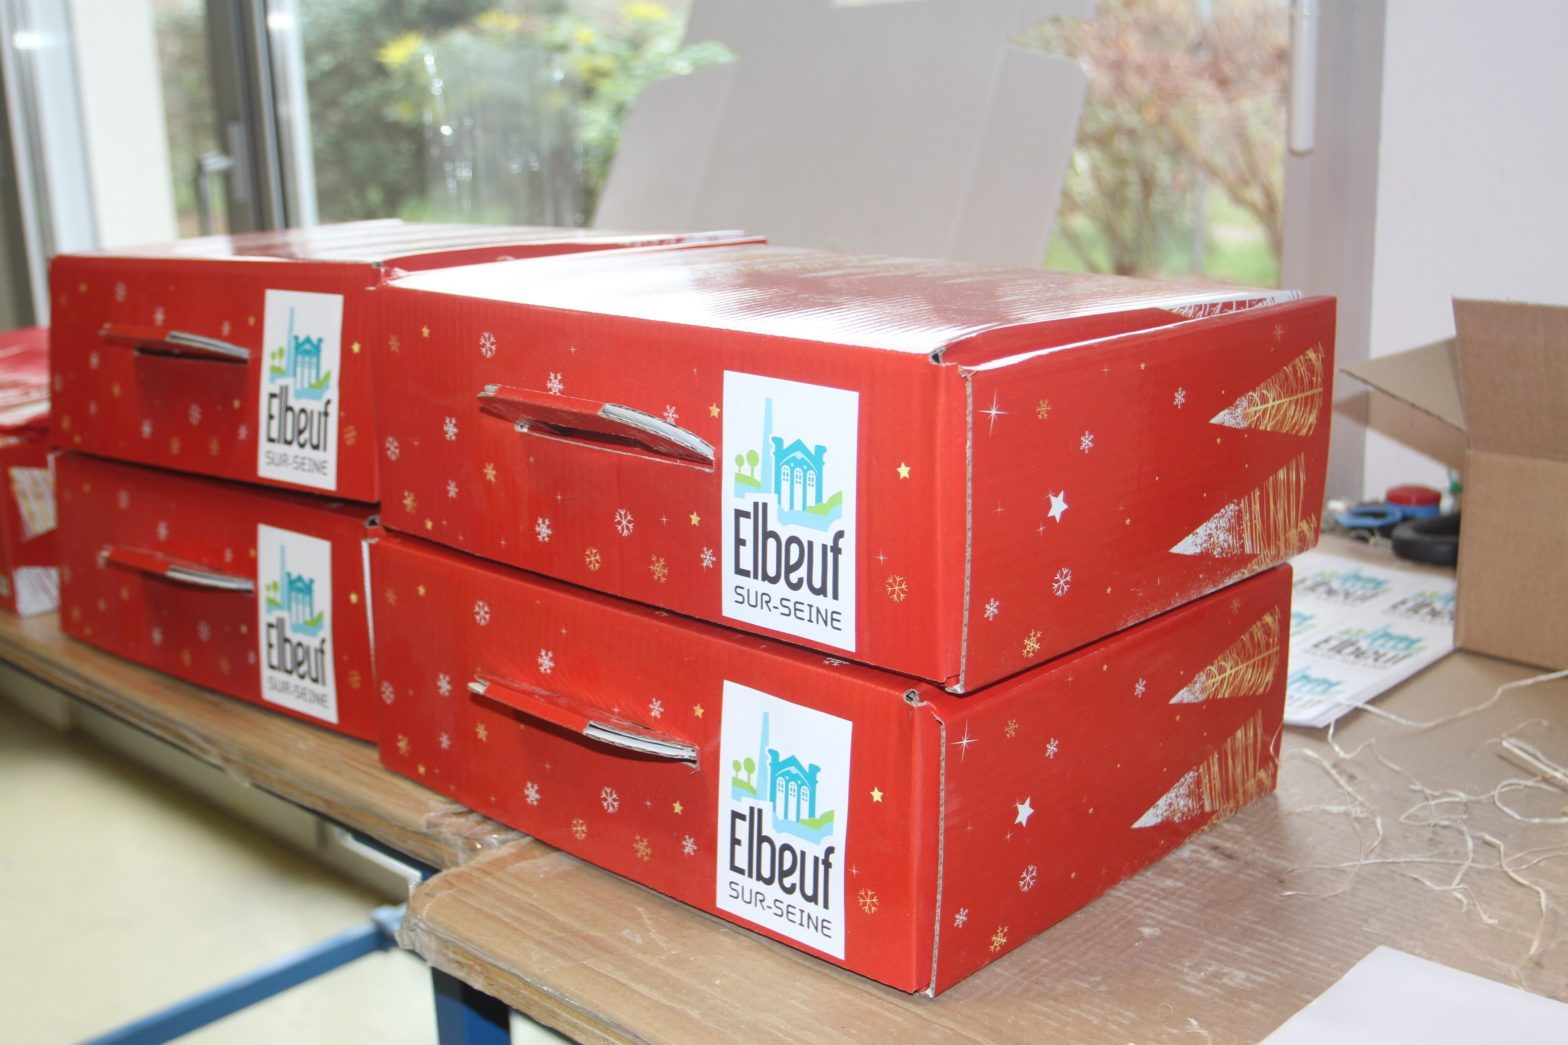 Colis des ainés confectionnés à l'ESAT du Champ Fleuri